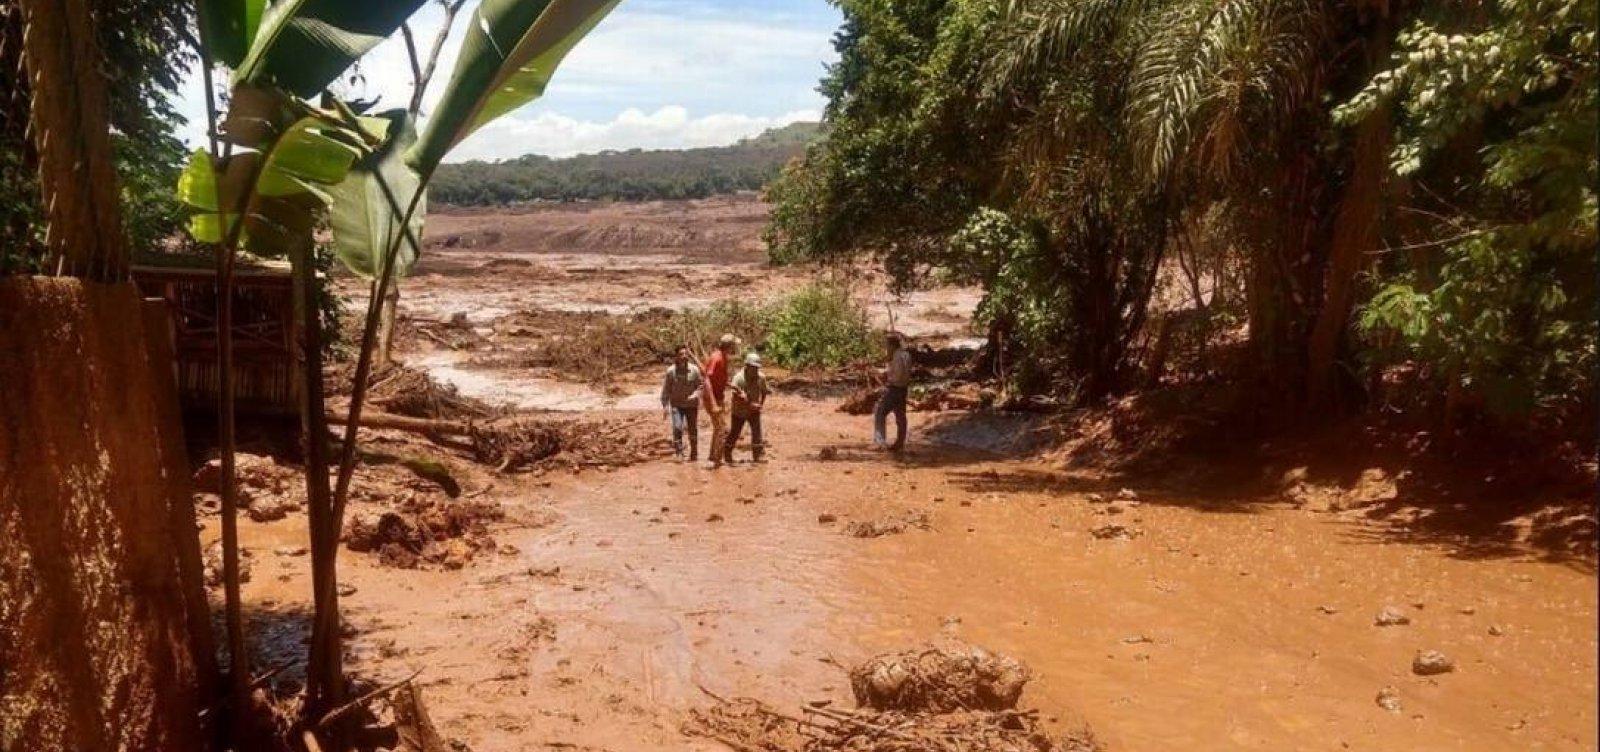 [Vale destina R$1,8 bi até 2023 para obras e remoção de lama em Minas]